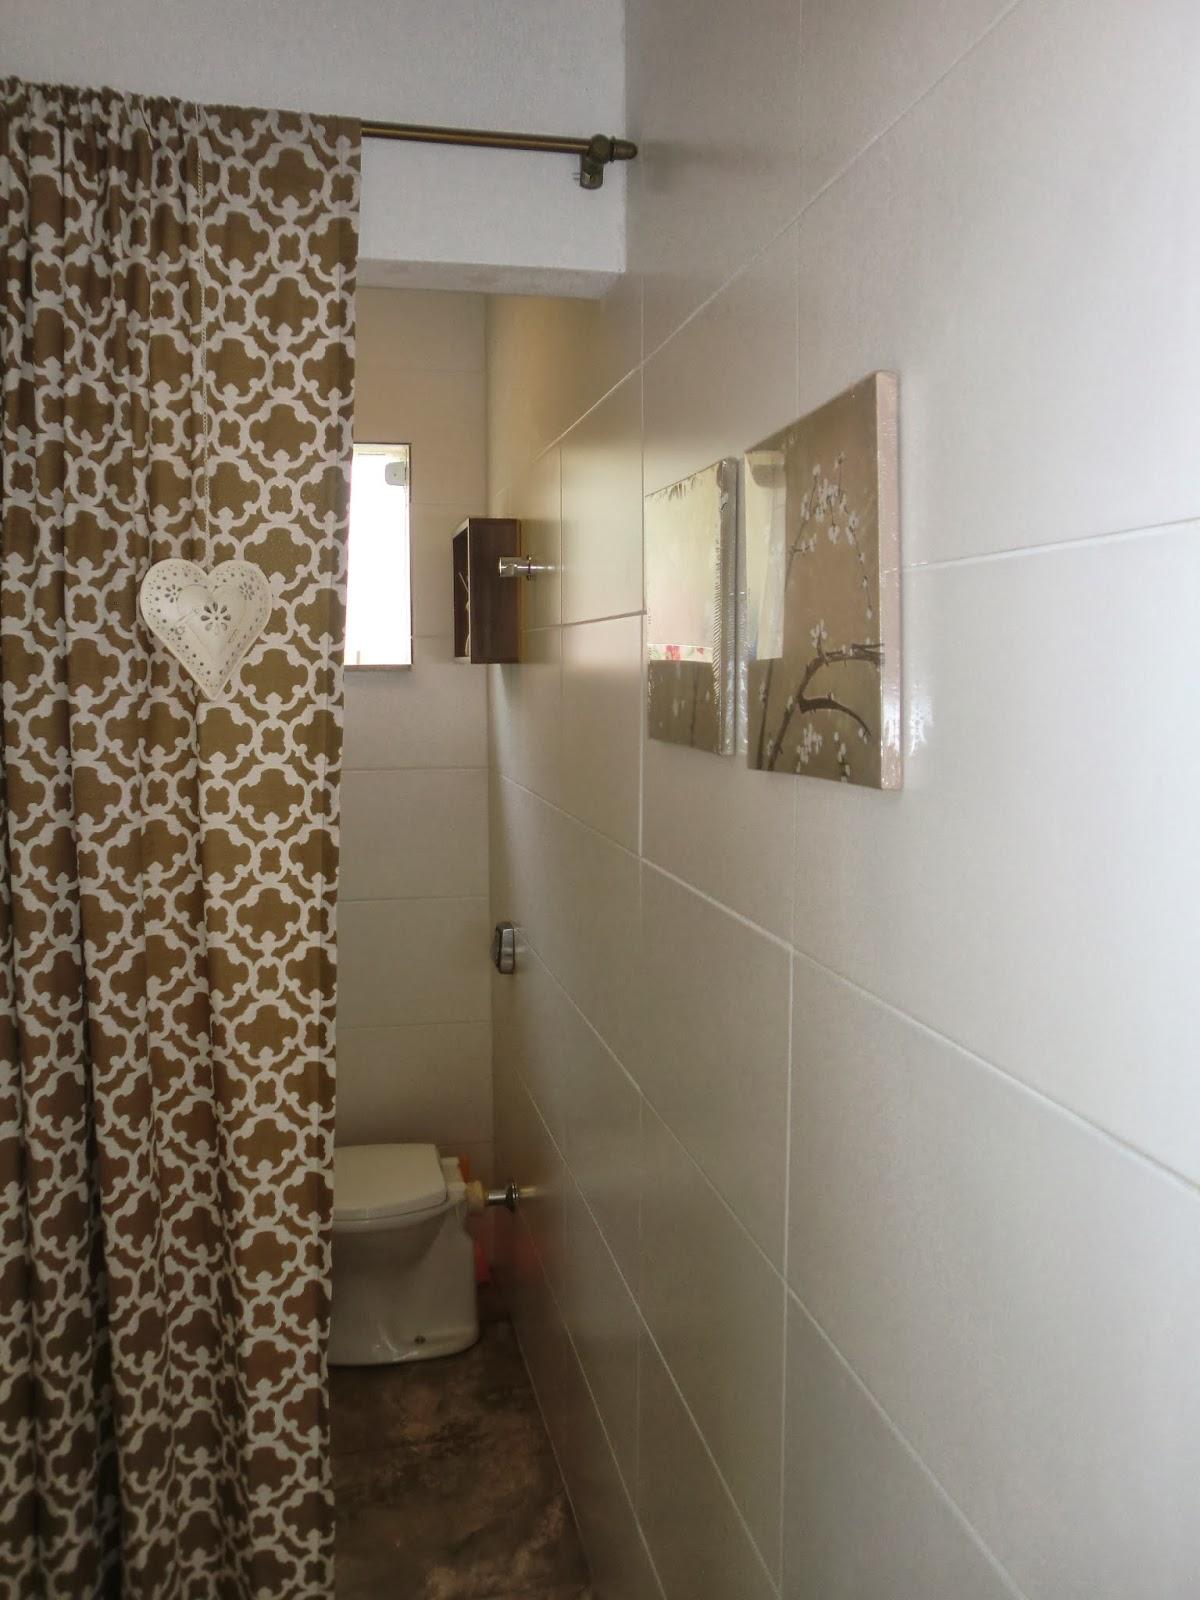 Antes e Depois Reforma de Banheiro Economica Barata Casa e Reforma #3E2F1E 1200x1600 Banheiro Com Box De Cortina